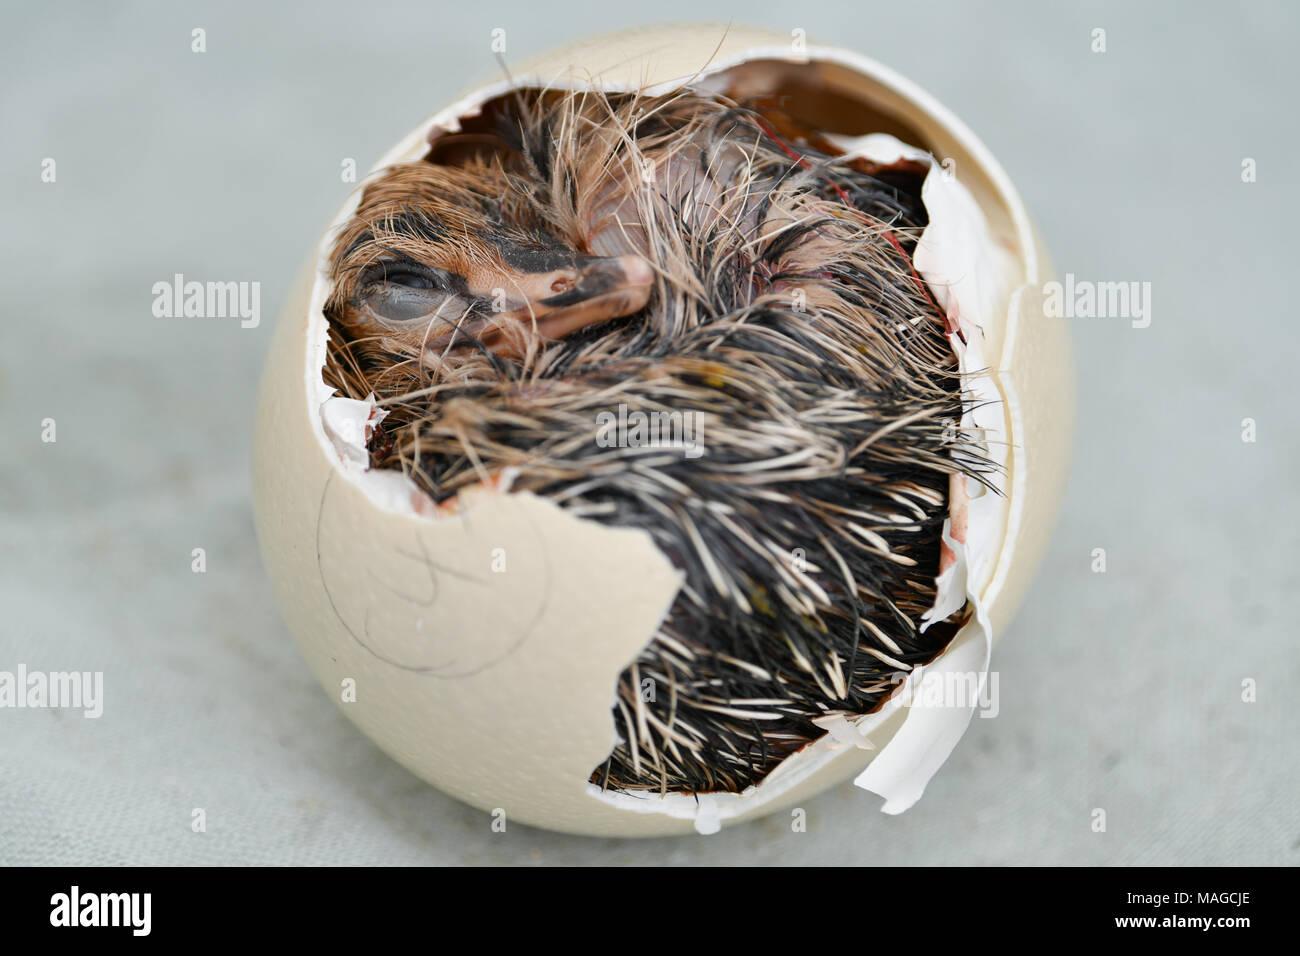 """30 März 2018, Deutschland, Ruelzheim: ein Baby strauße der Unterarten blue-necked Strauß aus dem Ei in die Rasse von der straußenfarm """"Hou"""" kommen. Foto: Uwe Anspach/dpa Stockbild"""